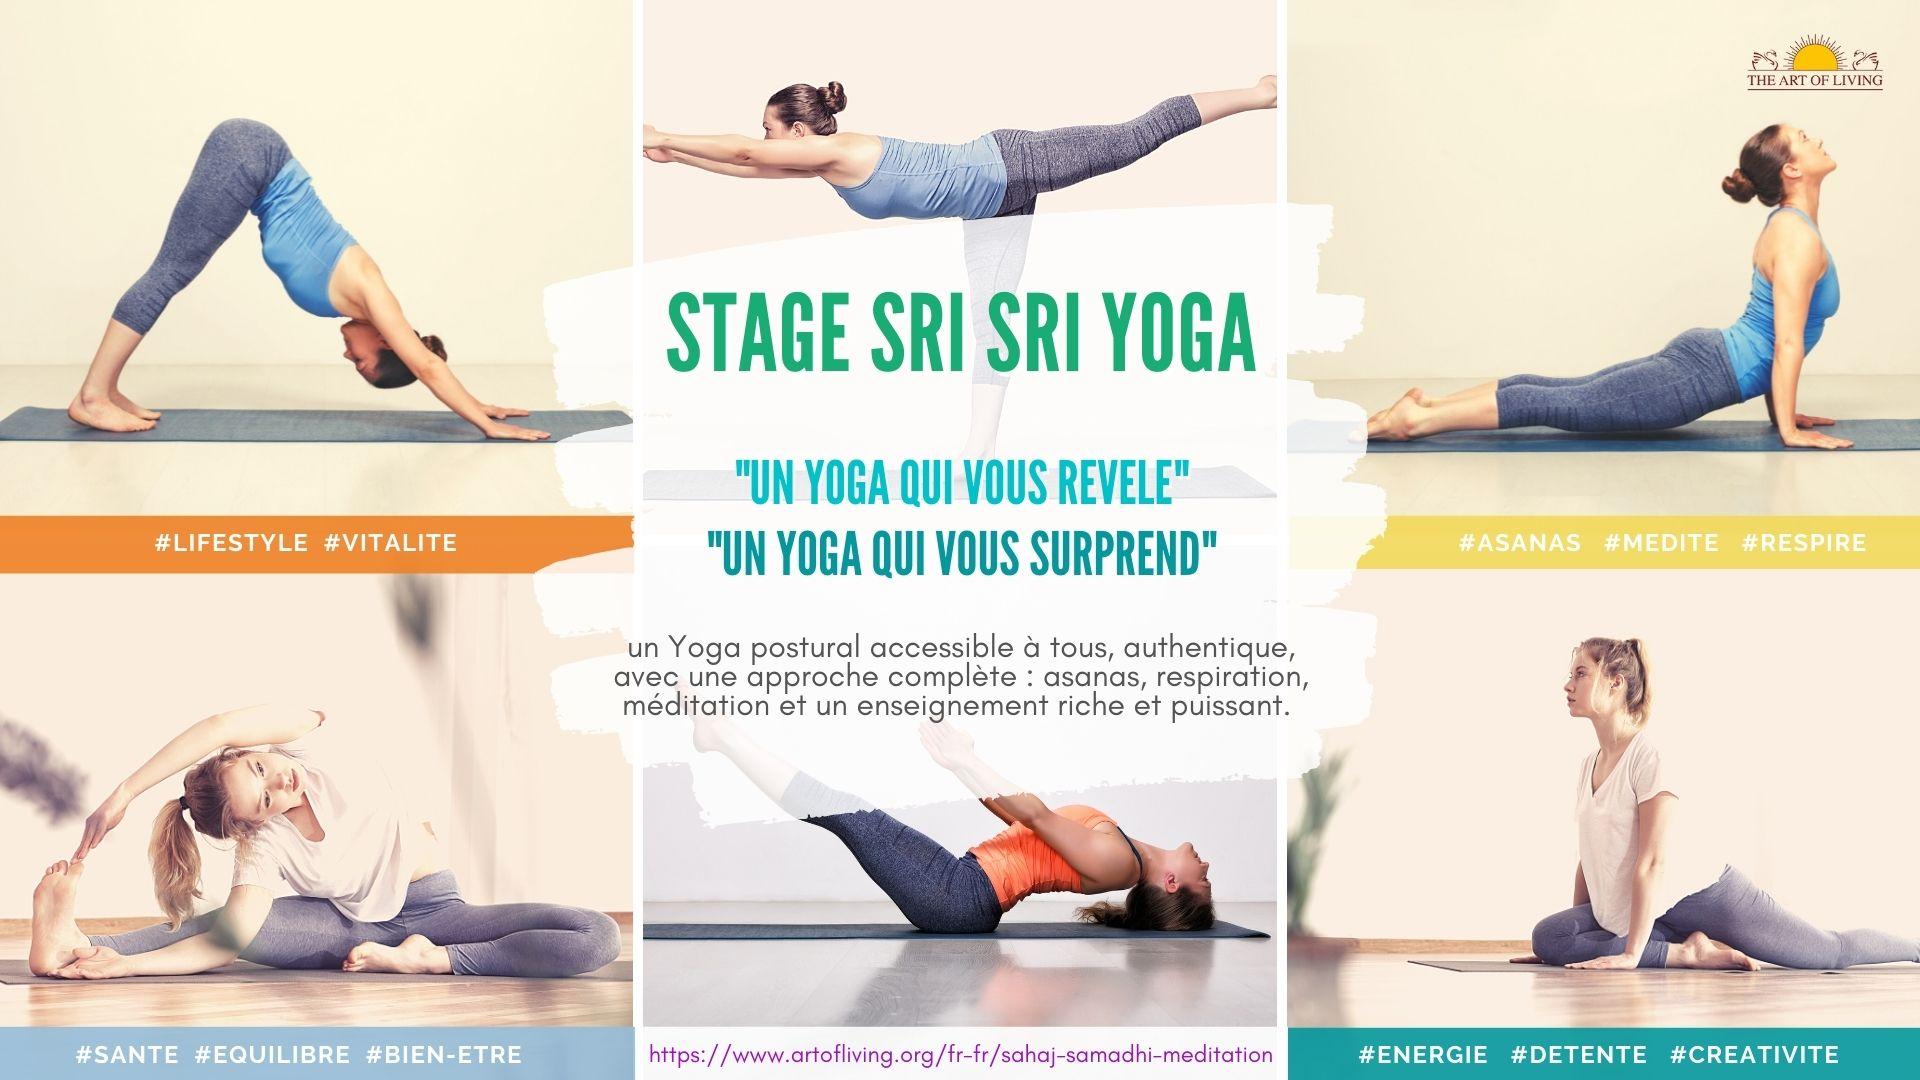 Stage Sri Sri Yoga